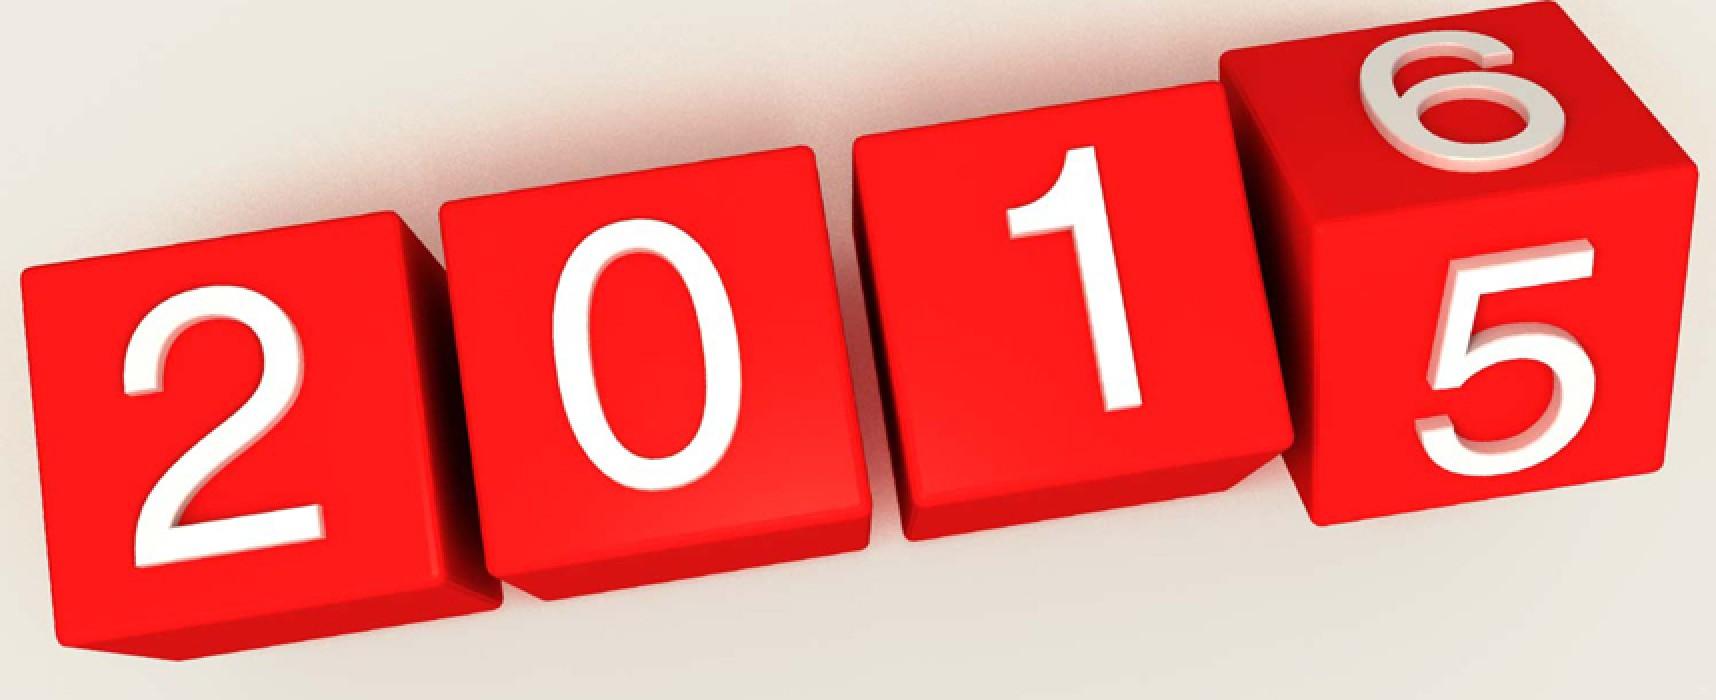 Il 2015 di Bisceglie? Ripercorriamolo con le notizie più importanti dell'anno